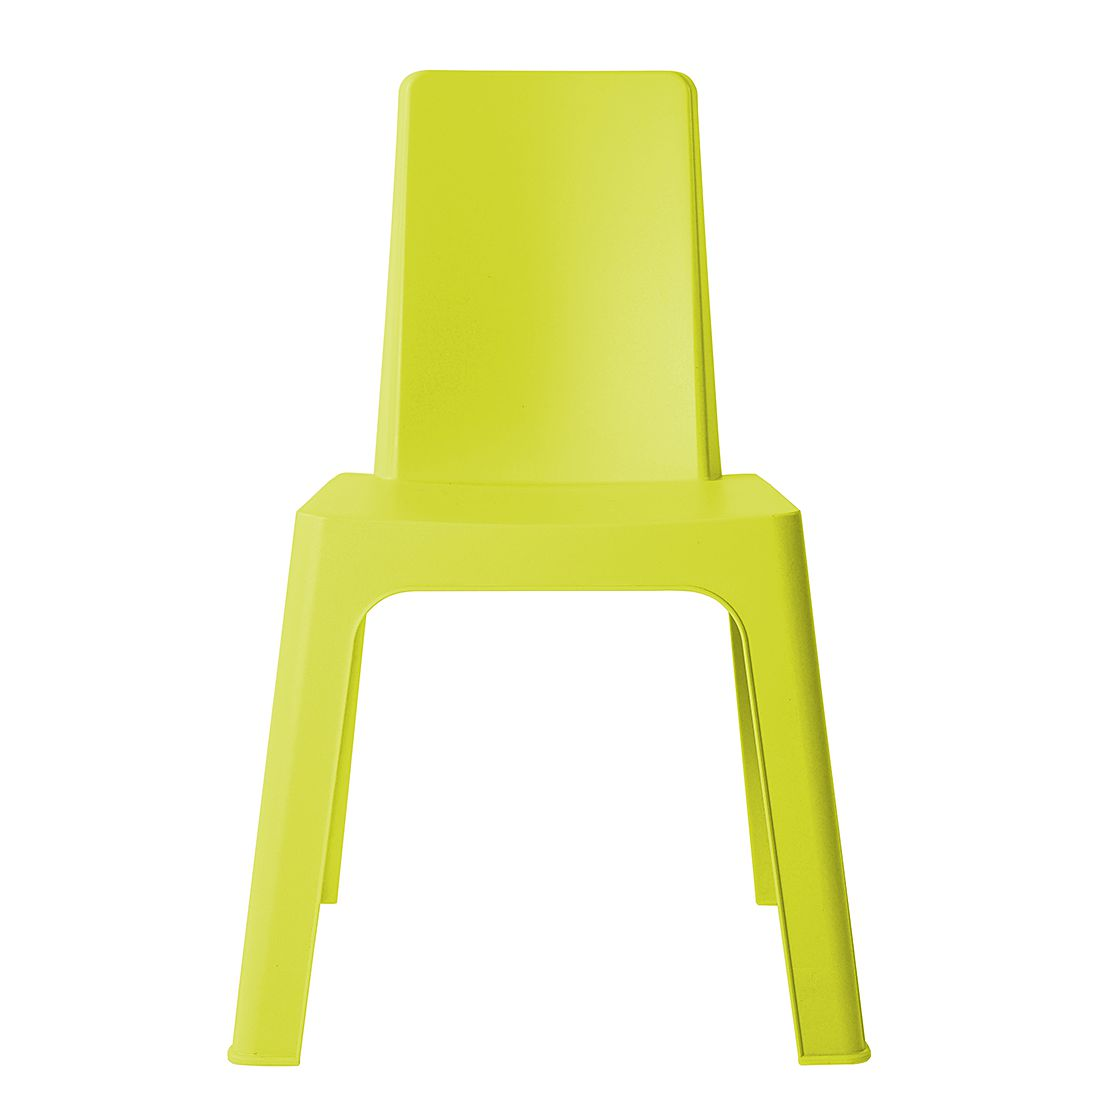 Home 24 - Chaise pour enfant julieta (lot de 2) - vert, kids club collection